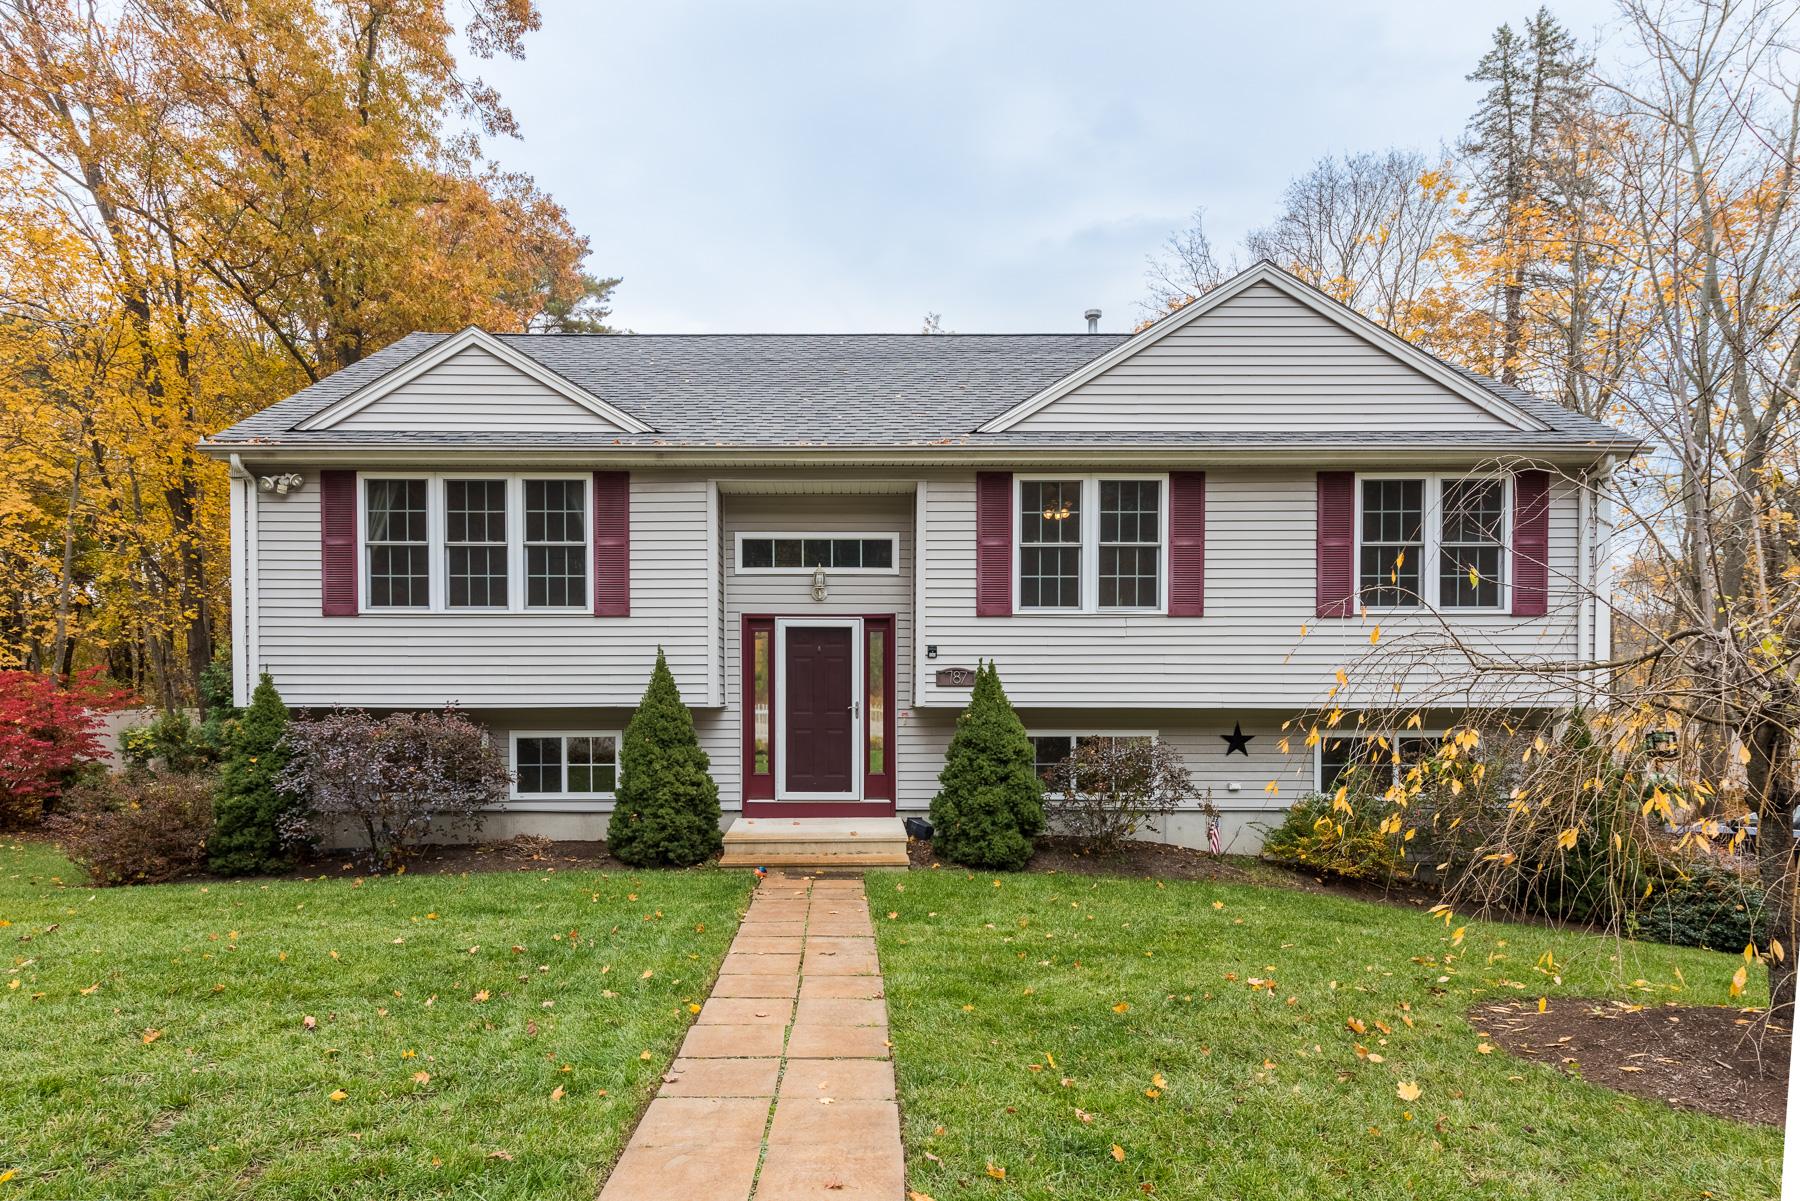 Maison unifamiliale pour l Vente à 787 Greenville Av, Johnston, RI Johnston, Rhode Island, 02919 États-Unis